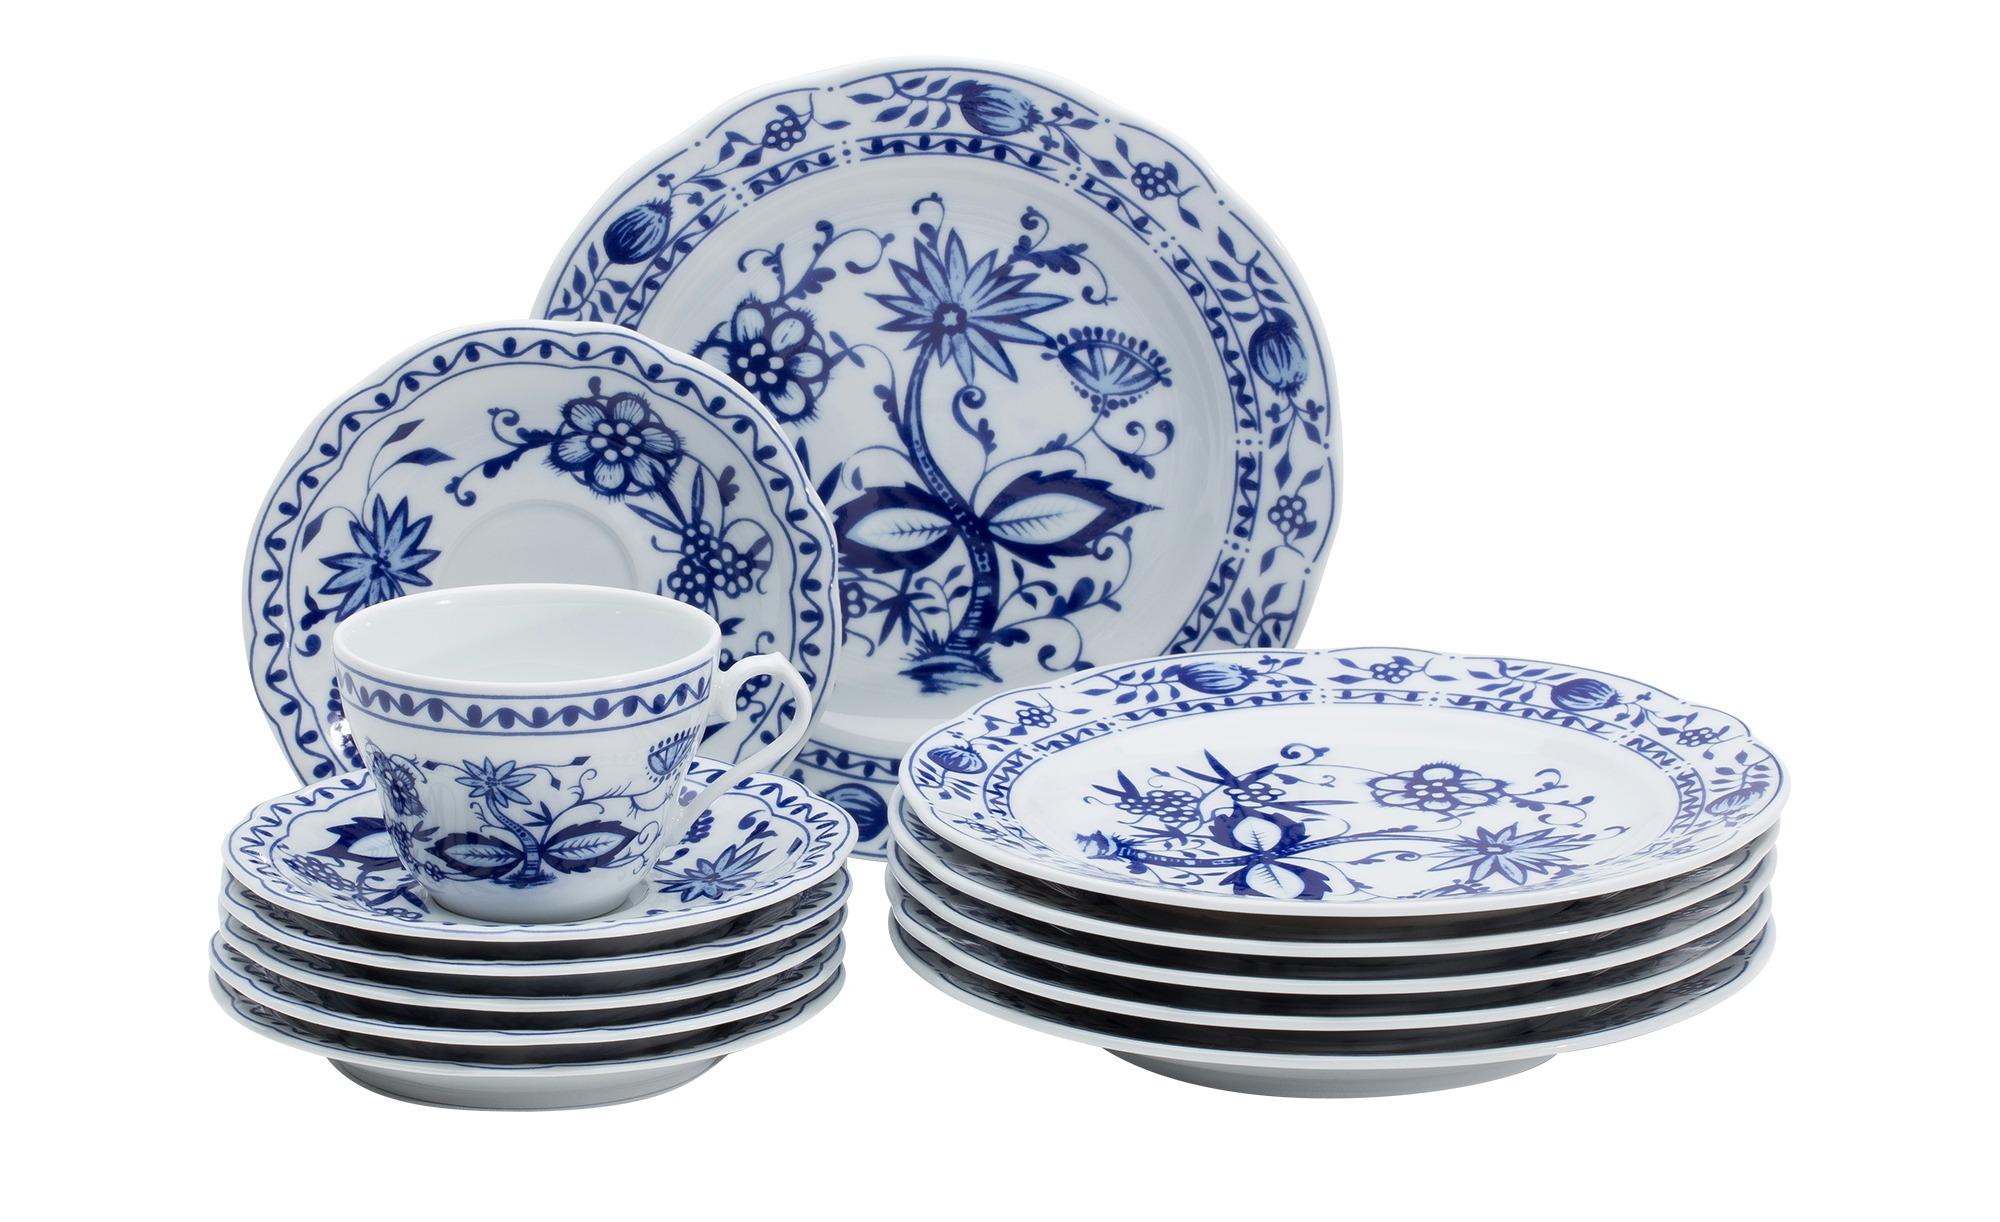 Kahla Kaffeeservice 18-teilig  Zwiebelmuster - blau - Porzellan - Geschirr > Geschirrsets > Kaffeeservice - Möbel Kraft